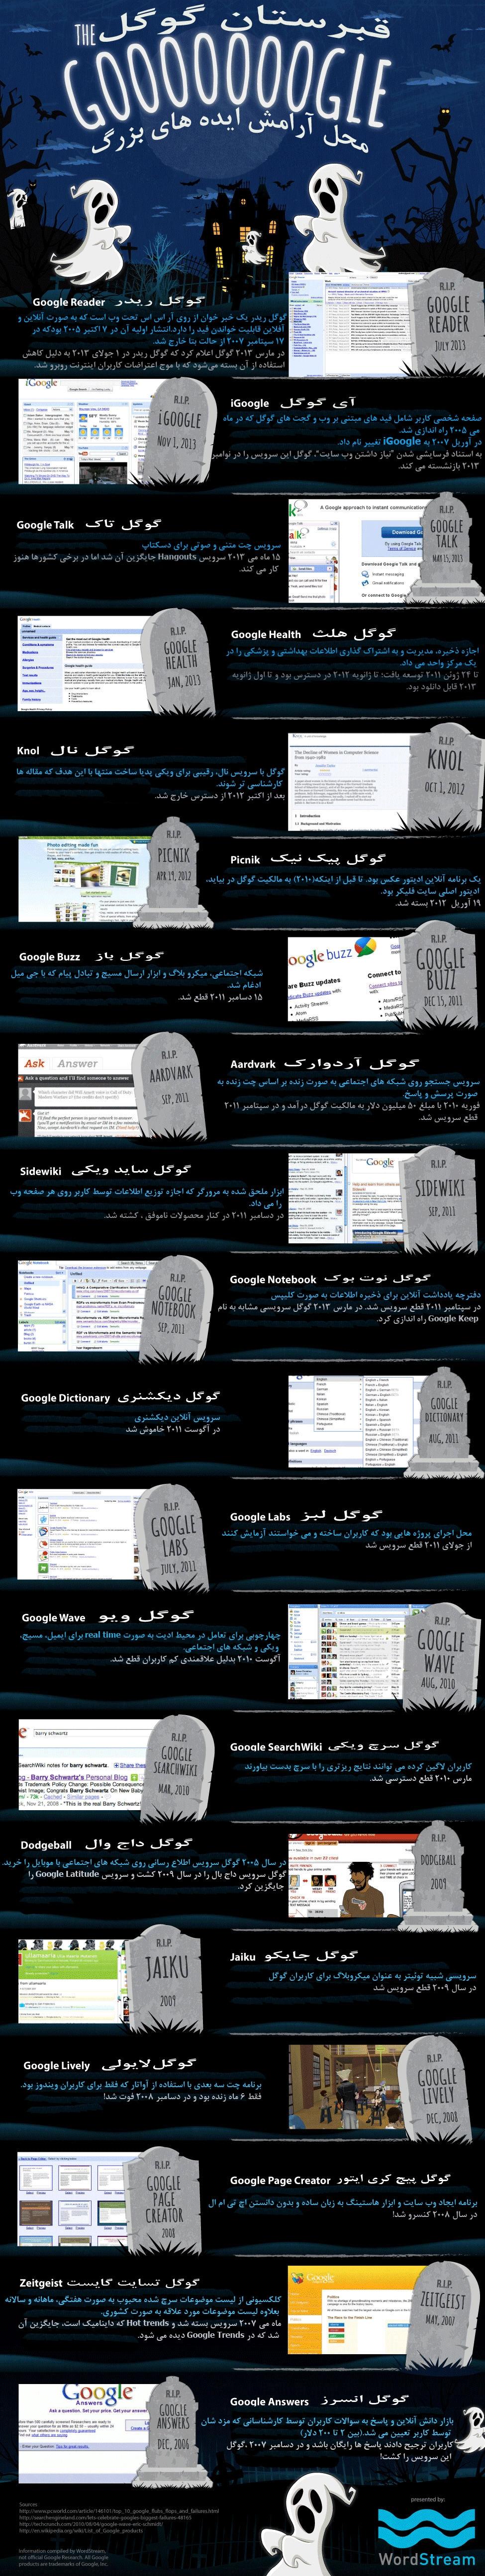 قبرستان گوگل